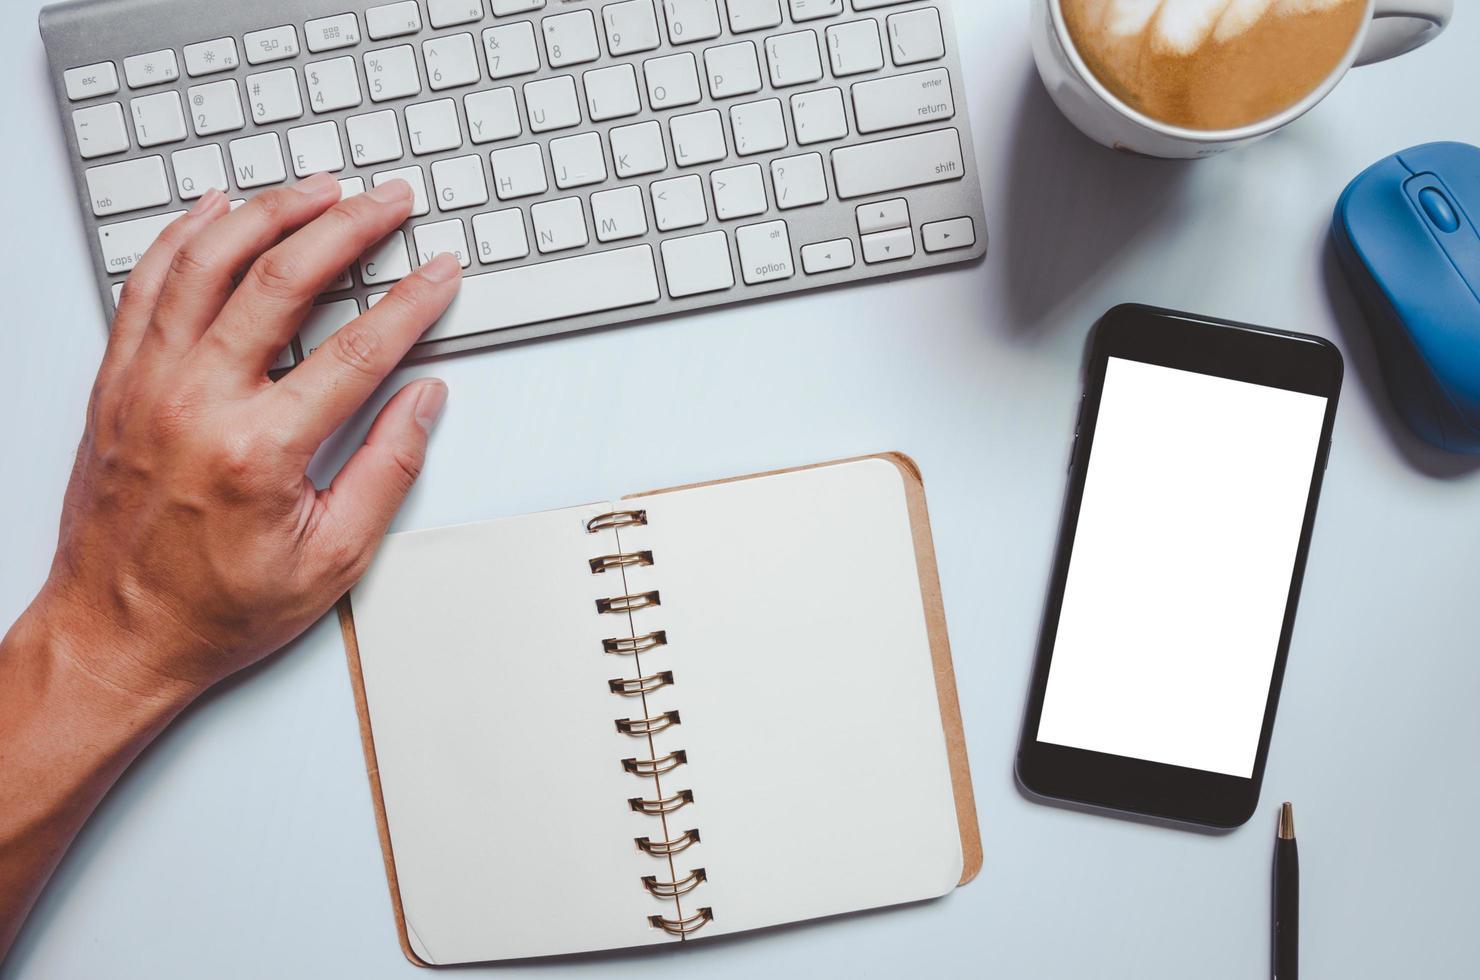 maquette de smartphone avec une personne travaillant sur ordinateur photo